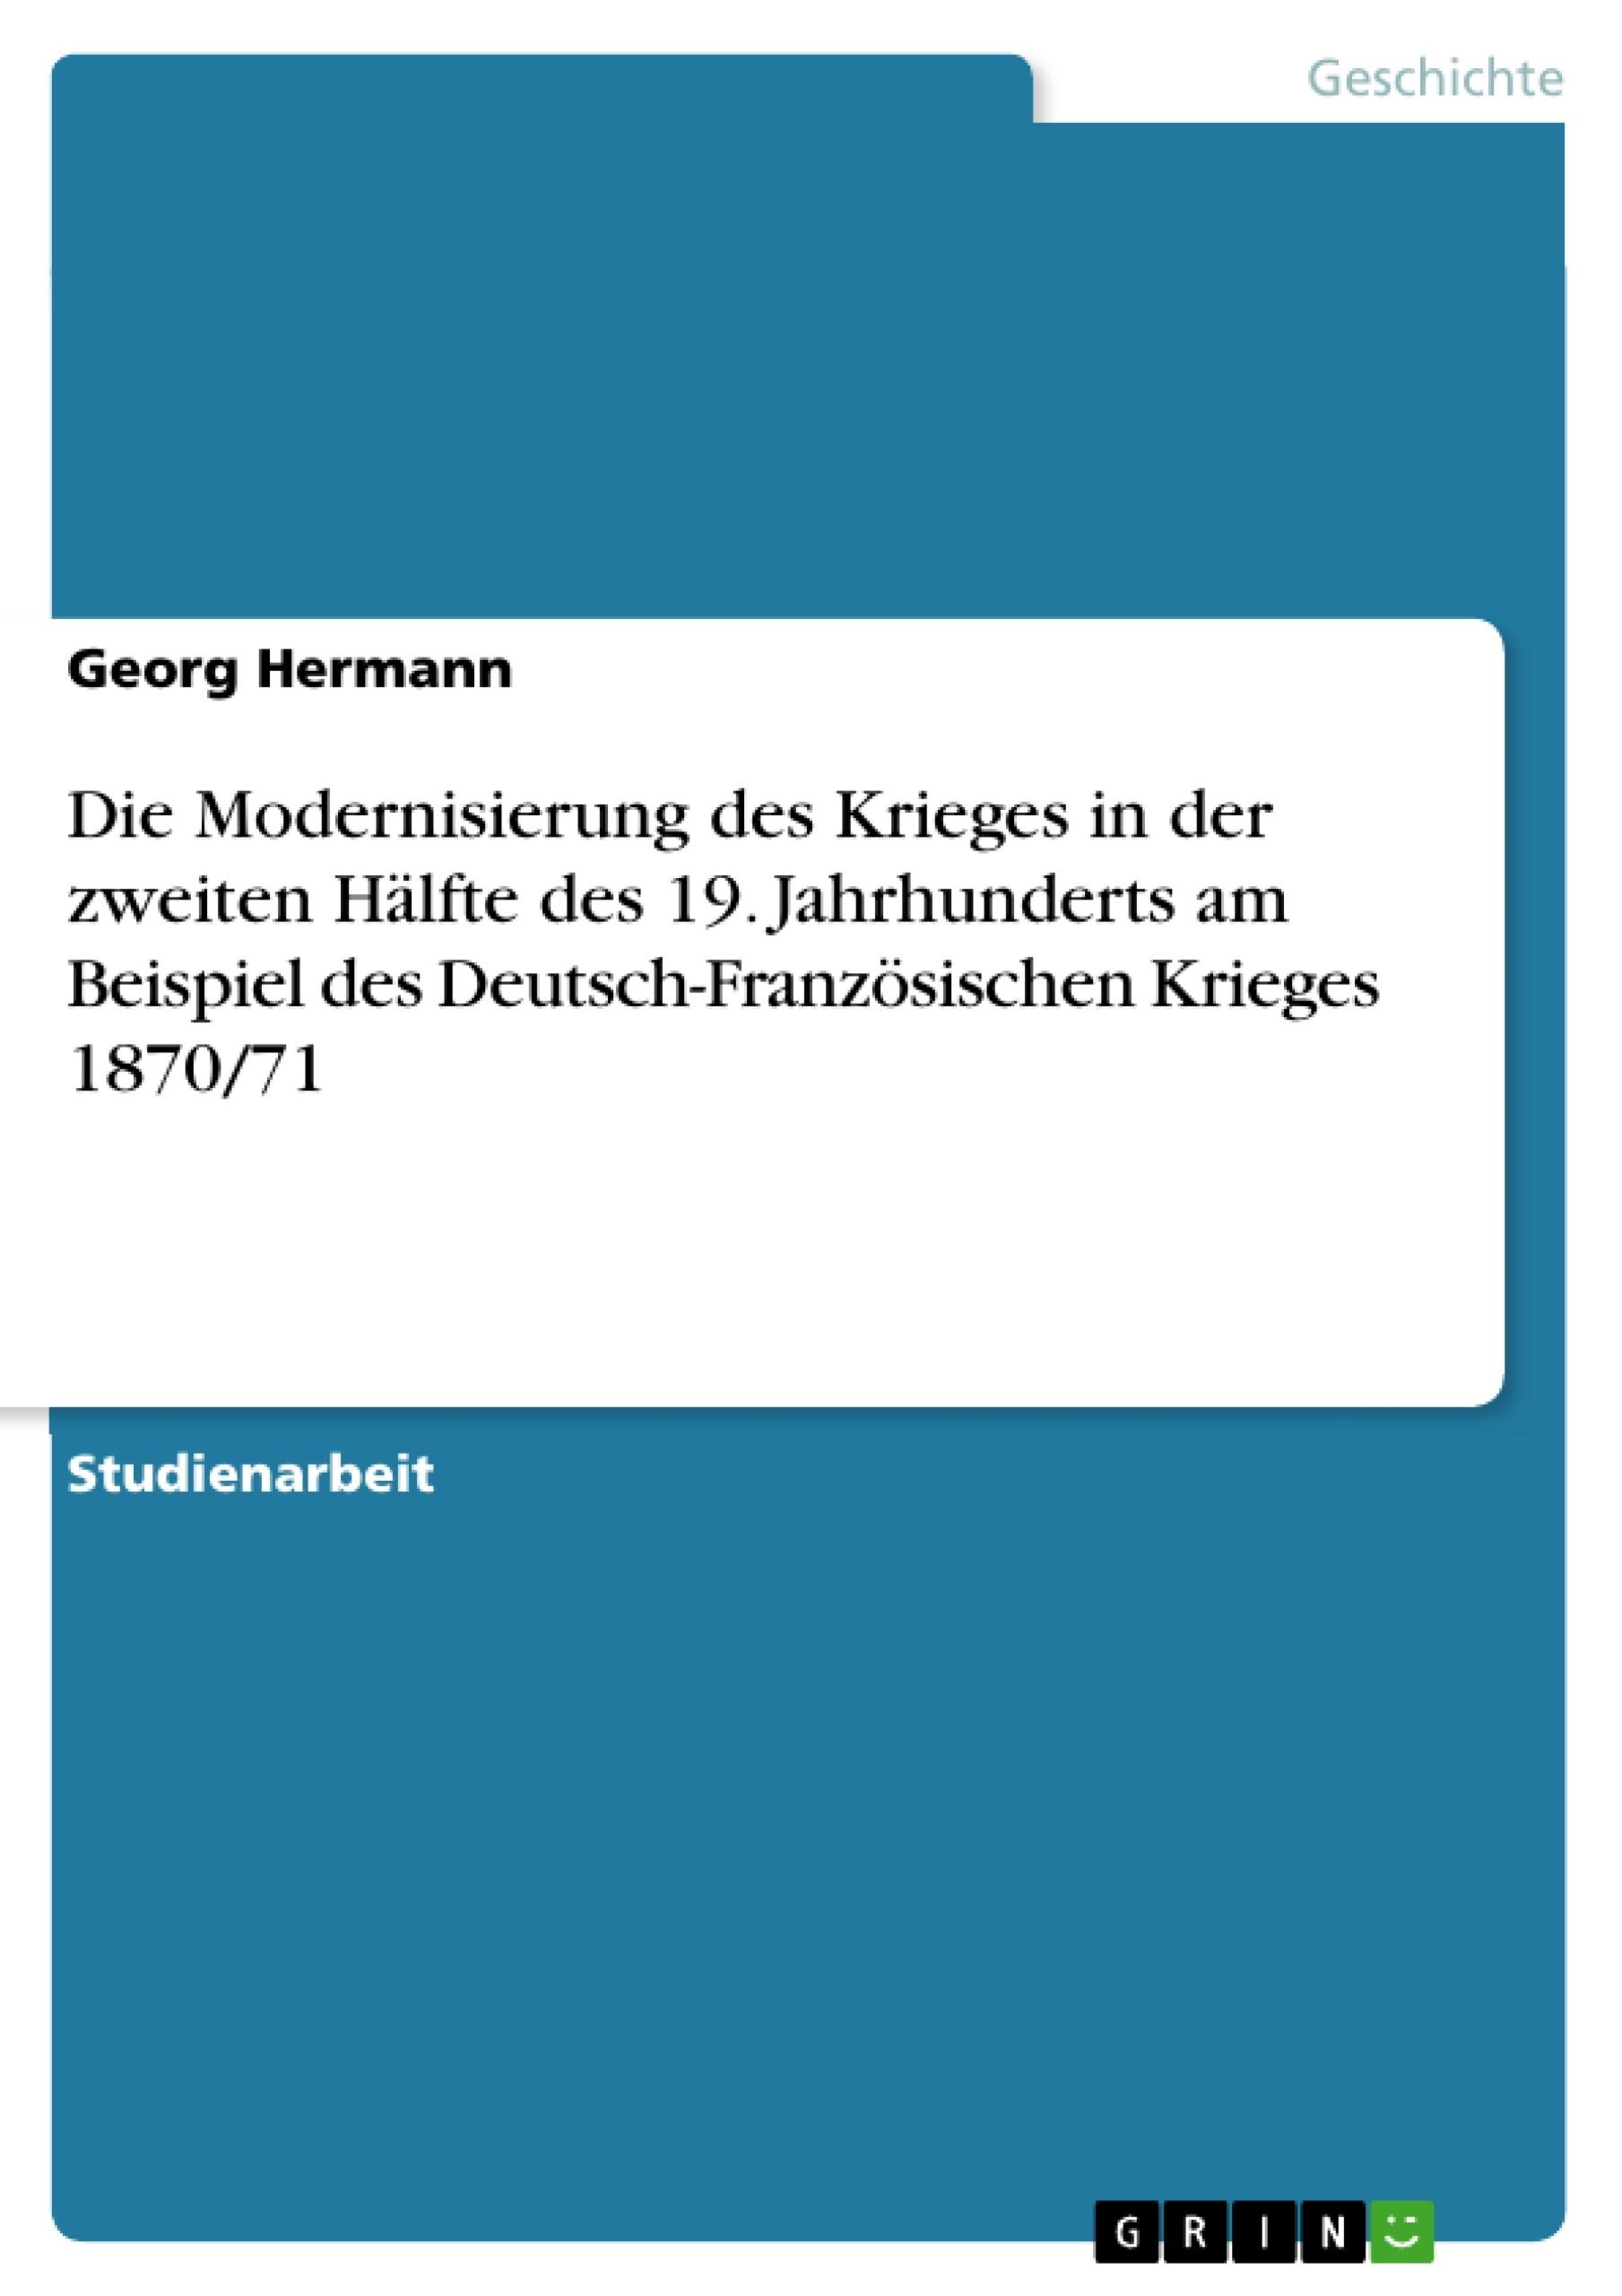 Titel: Die Modernisierung des Krieges in der zweiten Hälfte des 19. Jahrhunderts am Beispiel des Deutsch-Französischen Krieges 1870/71